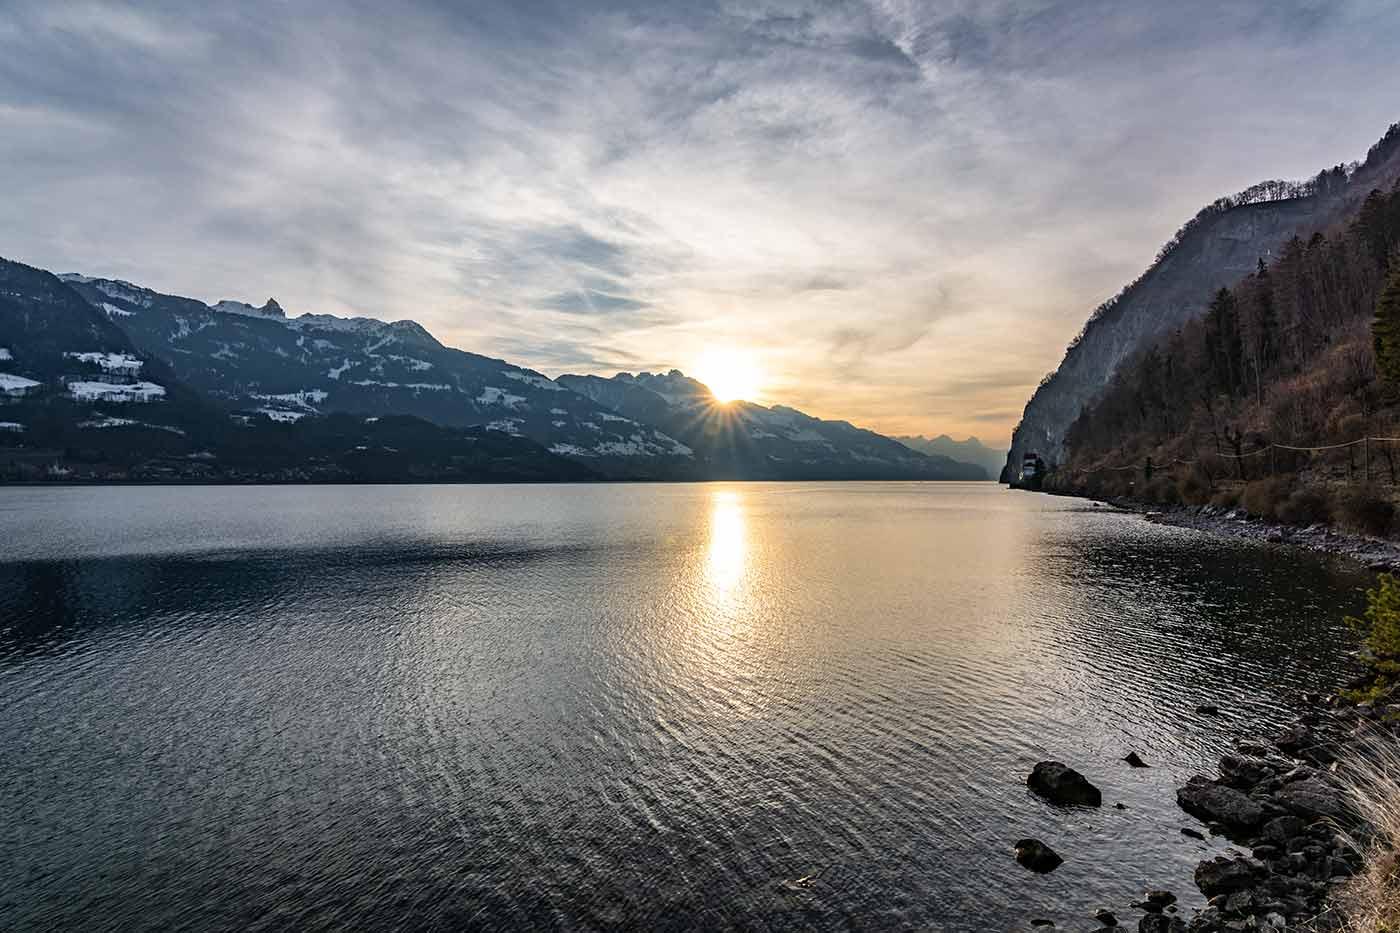 Am Walensee in der Schweiz - hier verläuft die Grenze zwischen den Kantonen St. Gallen und Glarus